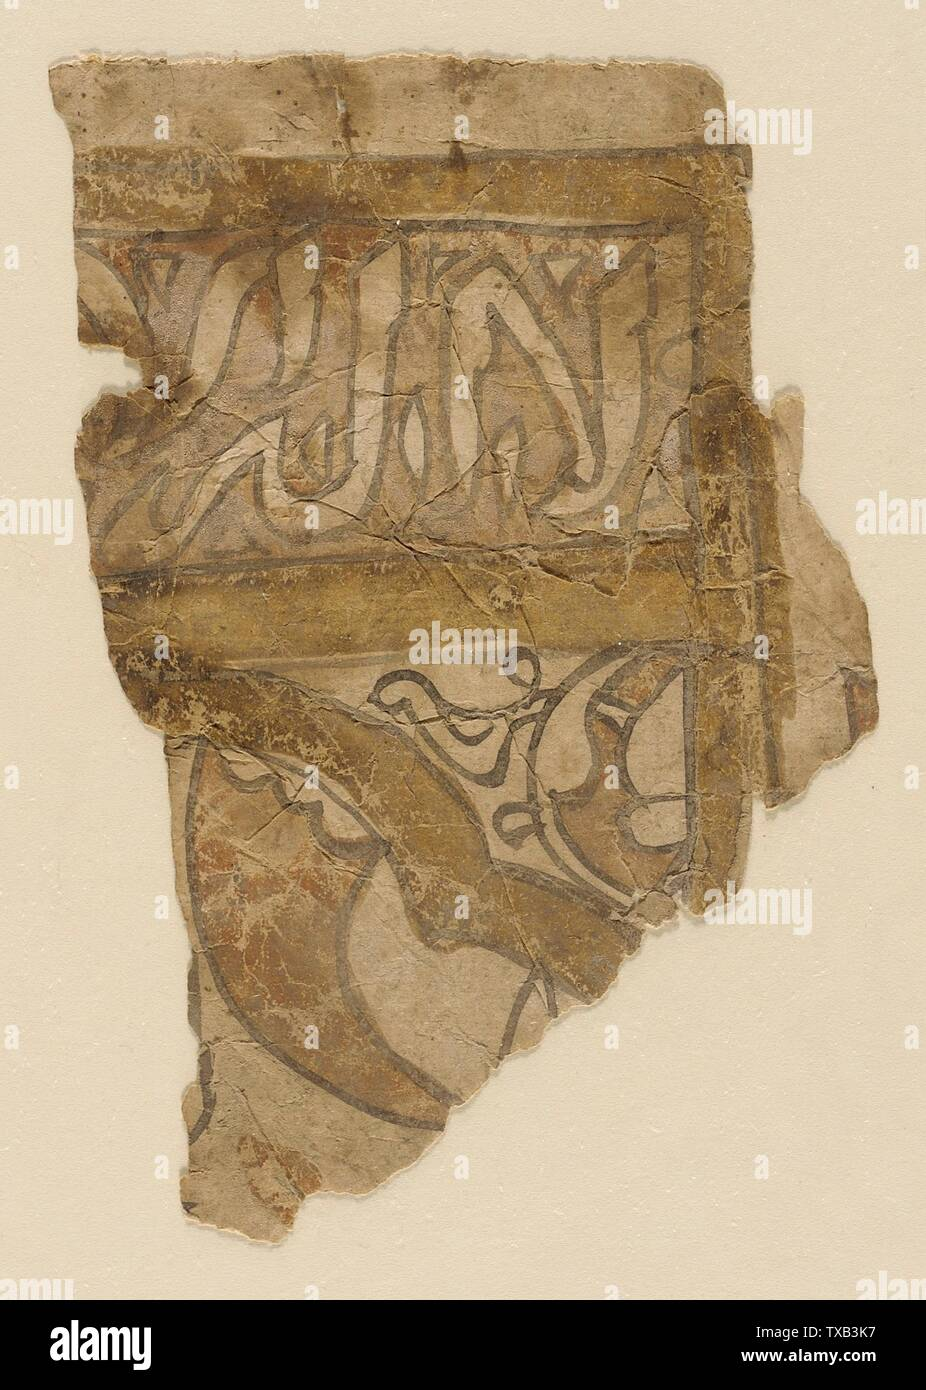 'Peinture; Anglais: Égypte, 1000-1250 Peintures Encre et couleurs sur papier La Madina Collection de l'Art Islamique, don de Camilla Chandler Frost (M.2002.1.649) L'Art Islamique; entre 1000 et 1250:P571 QS date,+1500-00-00T00:00:00Z/6,P1319,+1000-00-00T00:00:00Z/9,P1326,+1250-00-00T00:00:00Z/9; ' Photo Stock